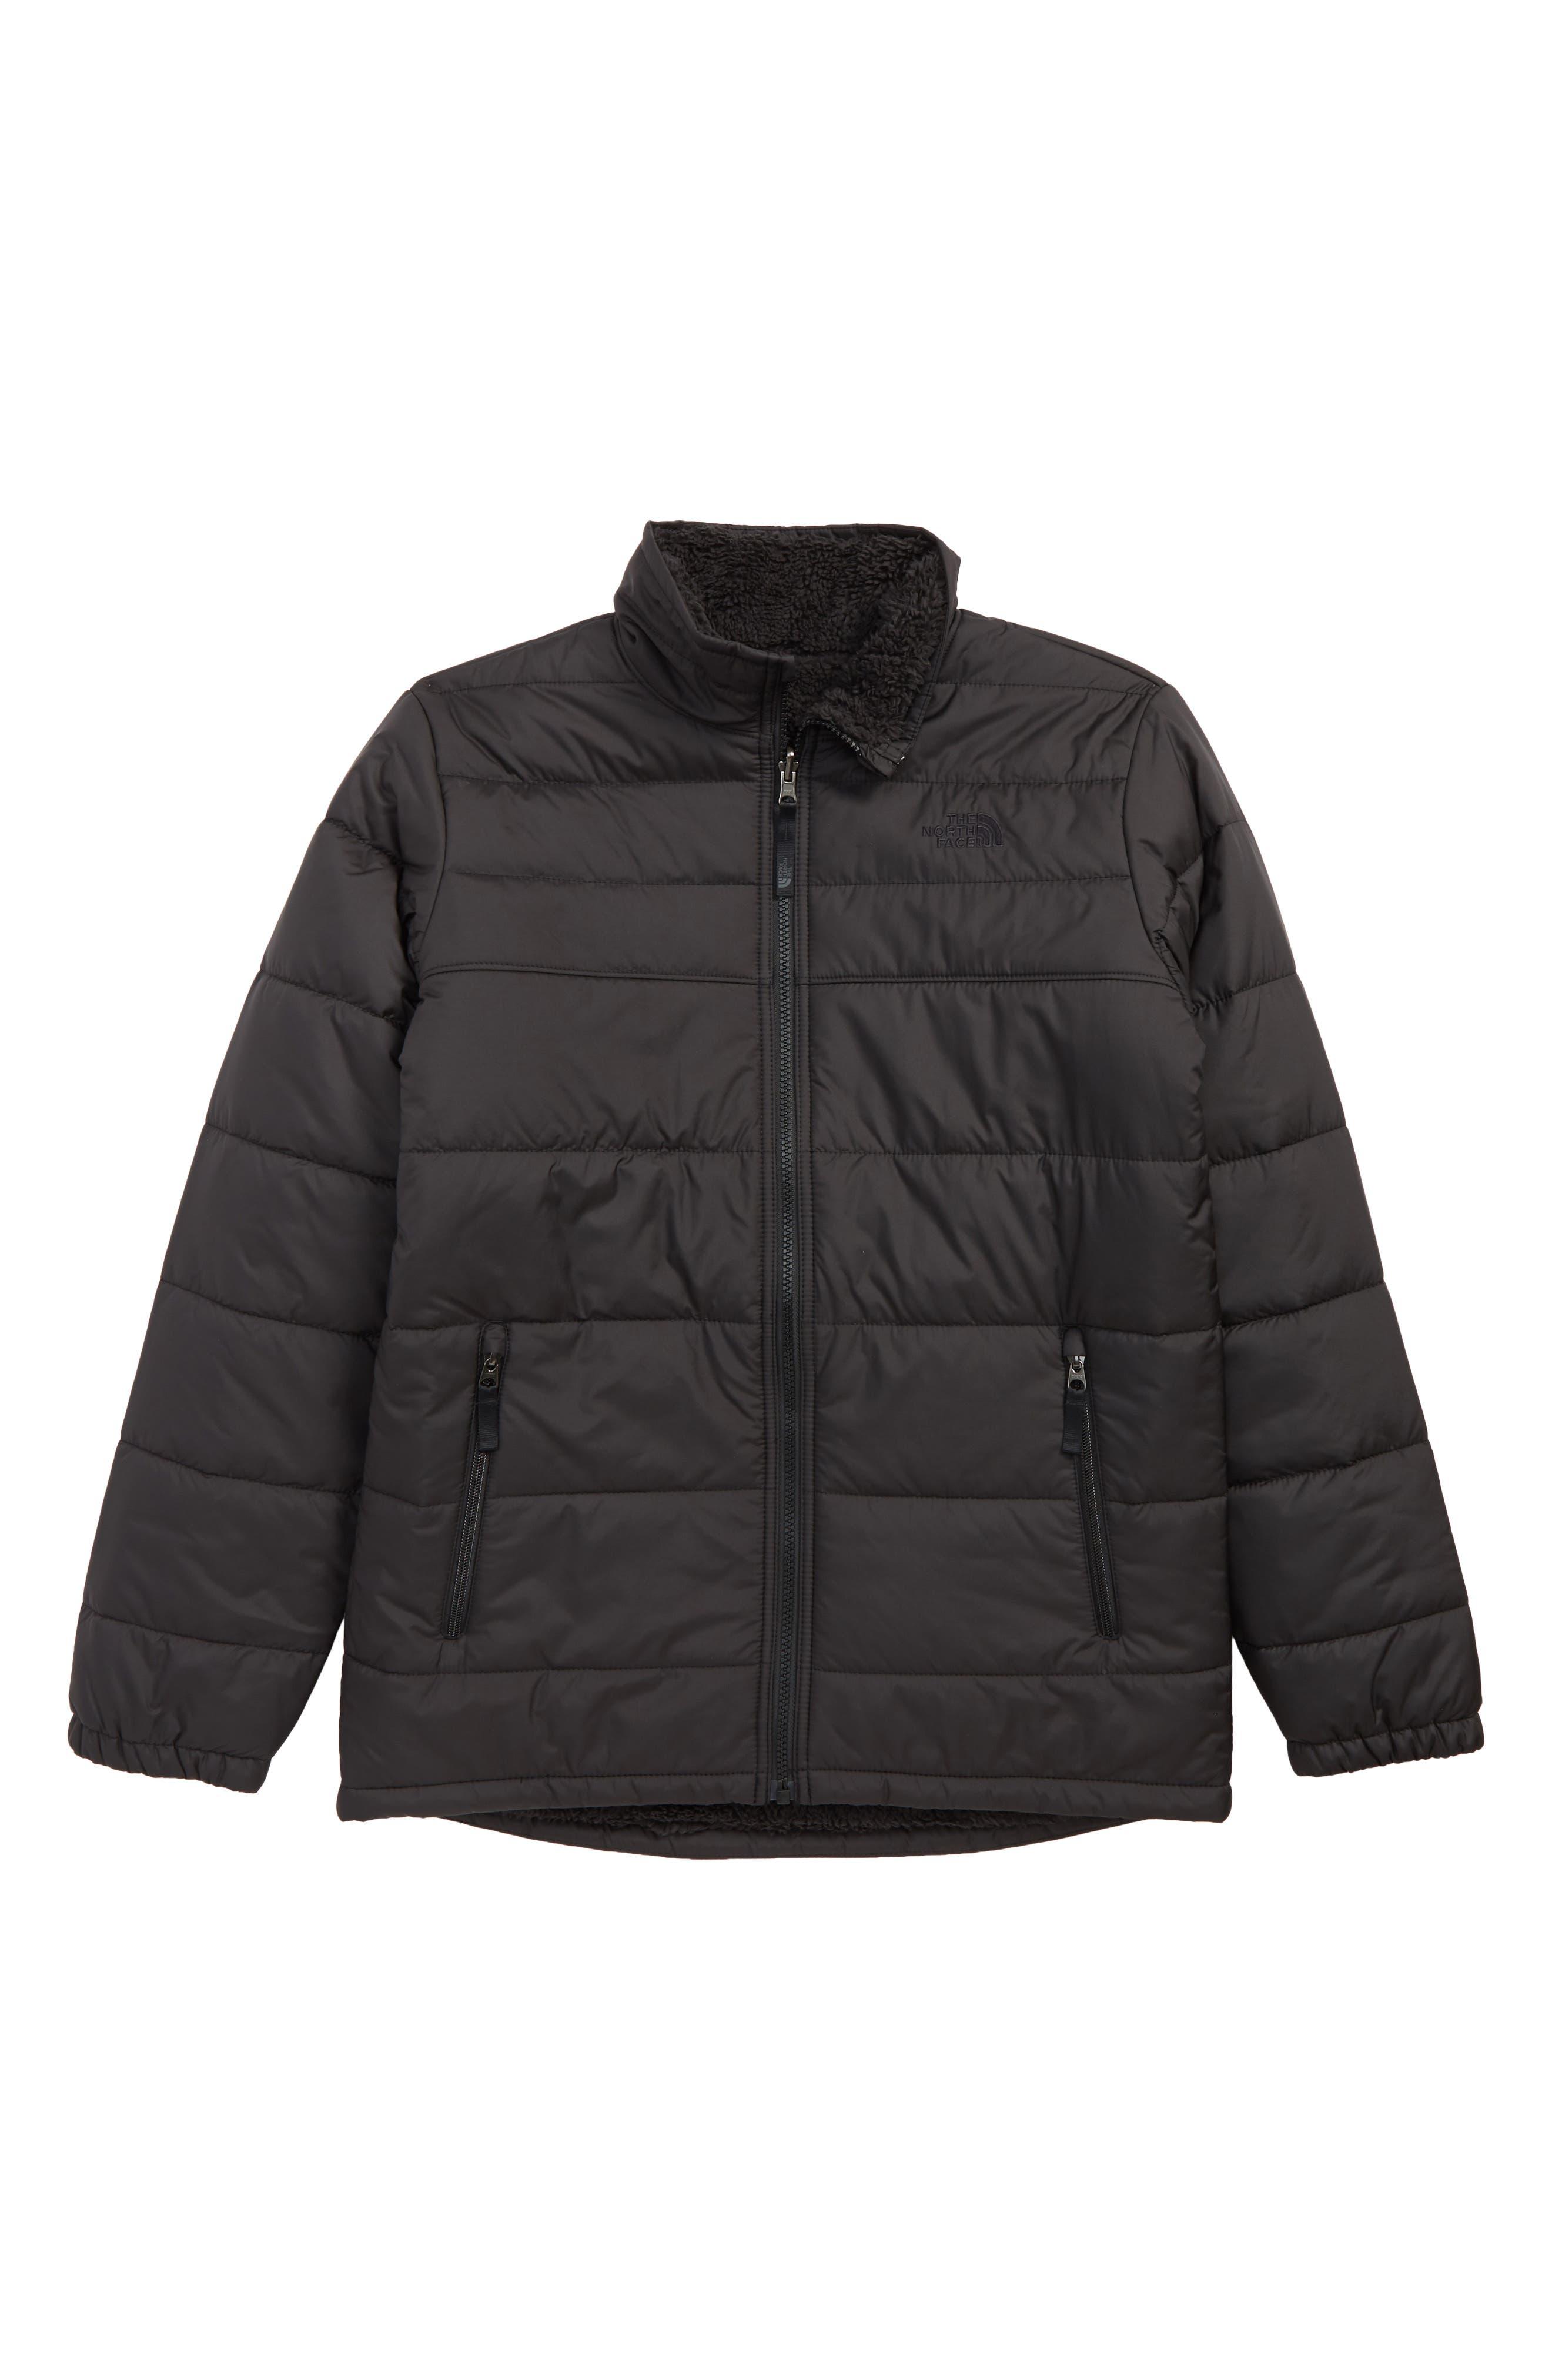 THE NORTH FACE, Mount Chimborazo Reversible Jacket, Main thumbnail 1, color, TNF BLACK/ TNF BLACK